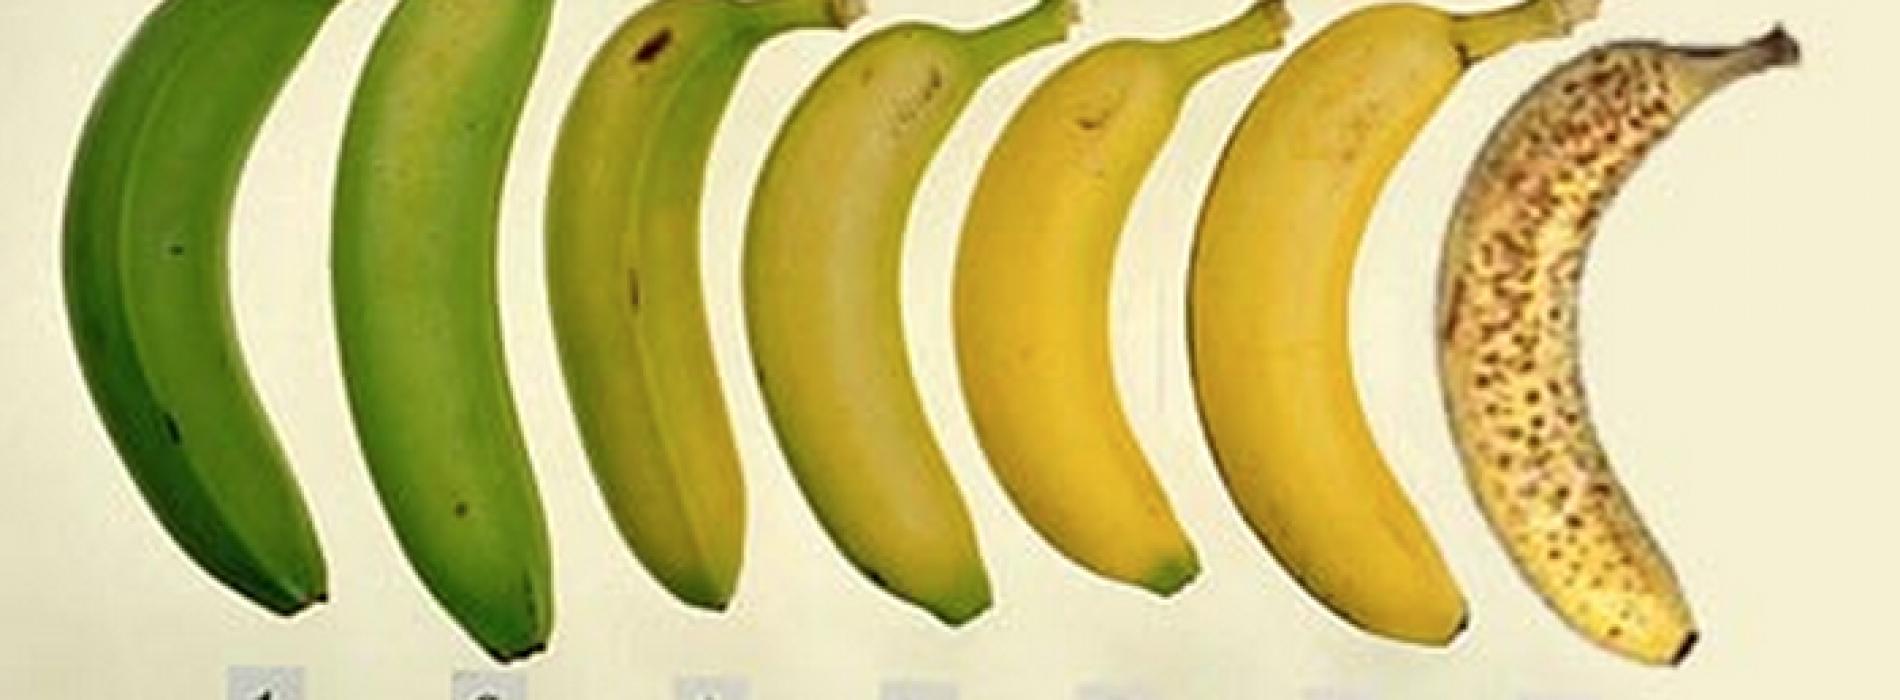 Dit is waarom bananen met zwarte vlekken beter zijn voor je gezondheid!